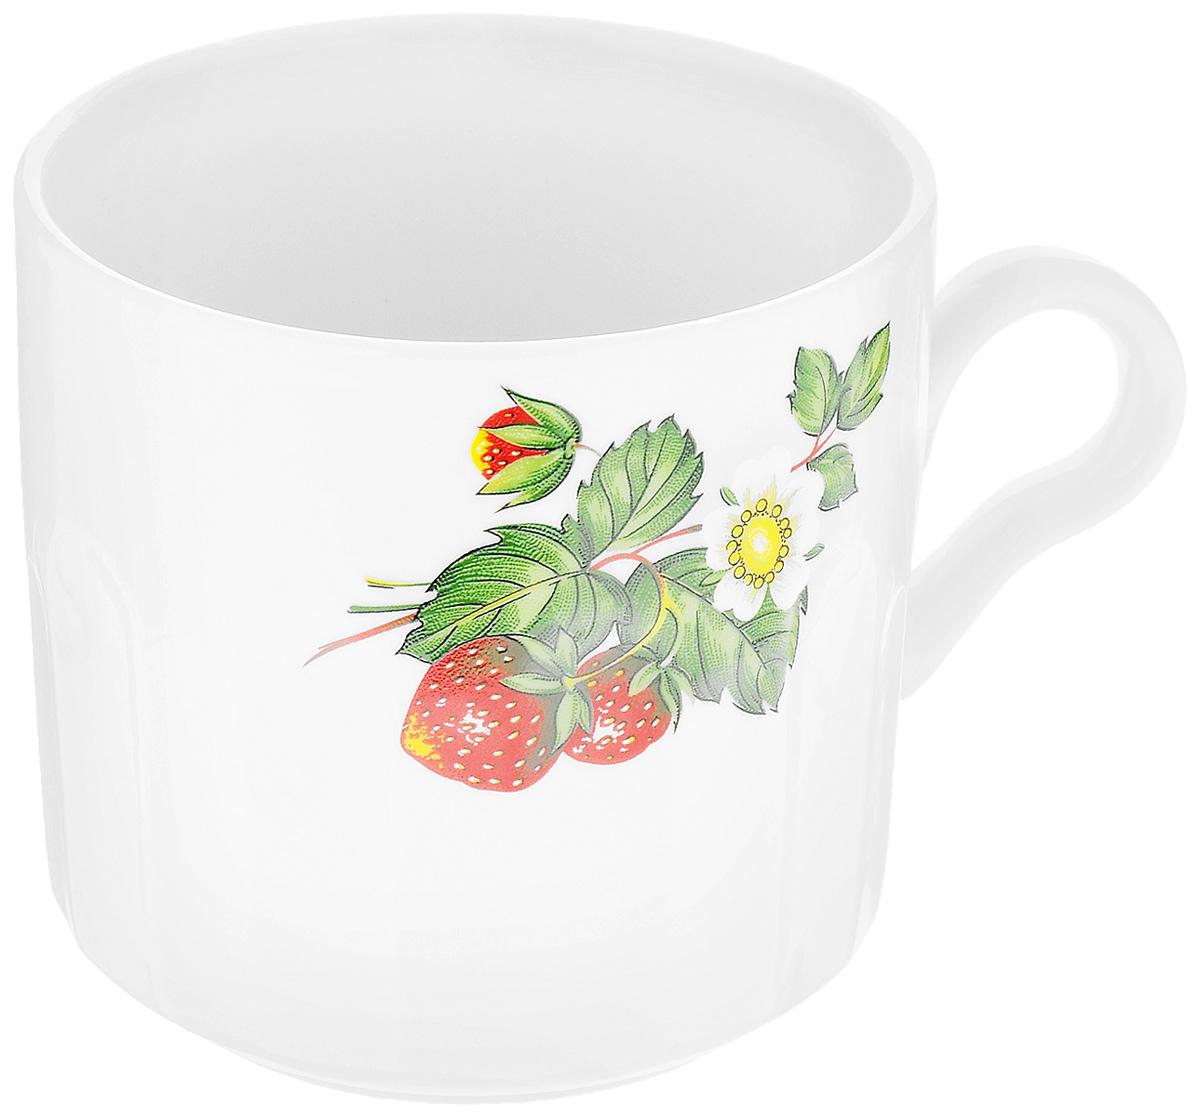 Кружка Фарфор Вербилок Цветущая земляника, 500 мл5721490Кружка Фарфор Вербилок Цветущая земляника способна скрасить любое чаепитие. Изделие выполнено из высококачественного фарфора. Посуда из такого материала позволяет сохранить истинный вкус напитка, а также помогает ему дольше оставаться теплым.Диаметр по верхнему краю: 9,5 см.Высота кружки: 9,5 см.